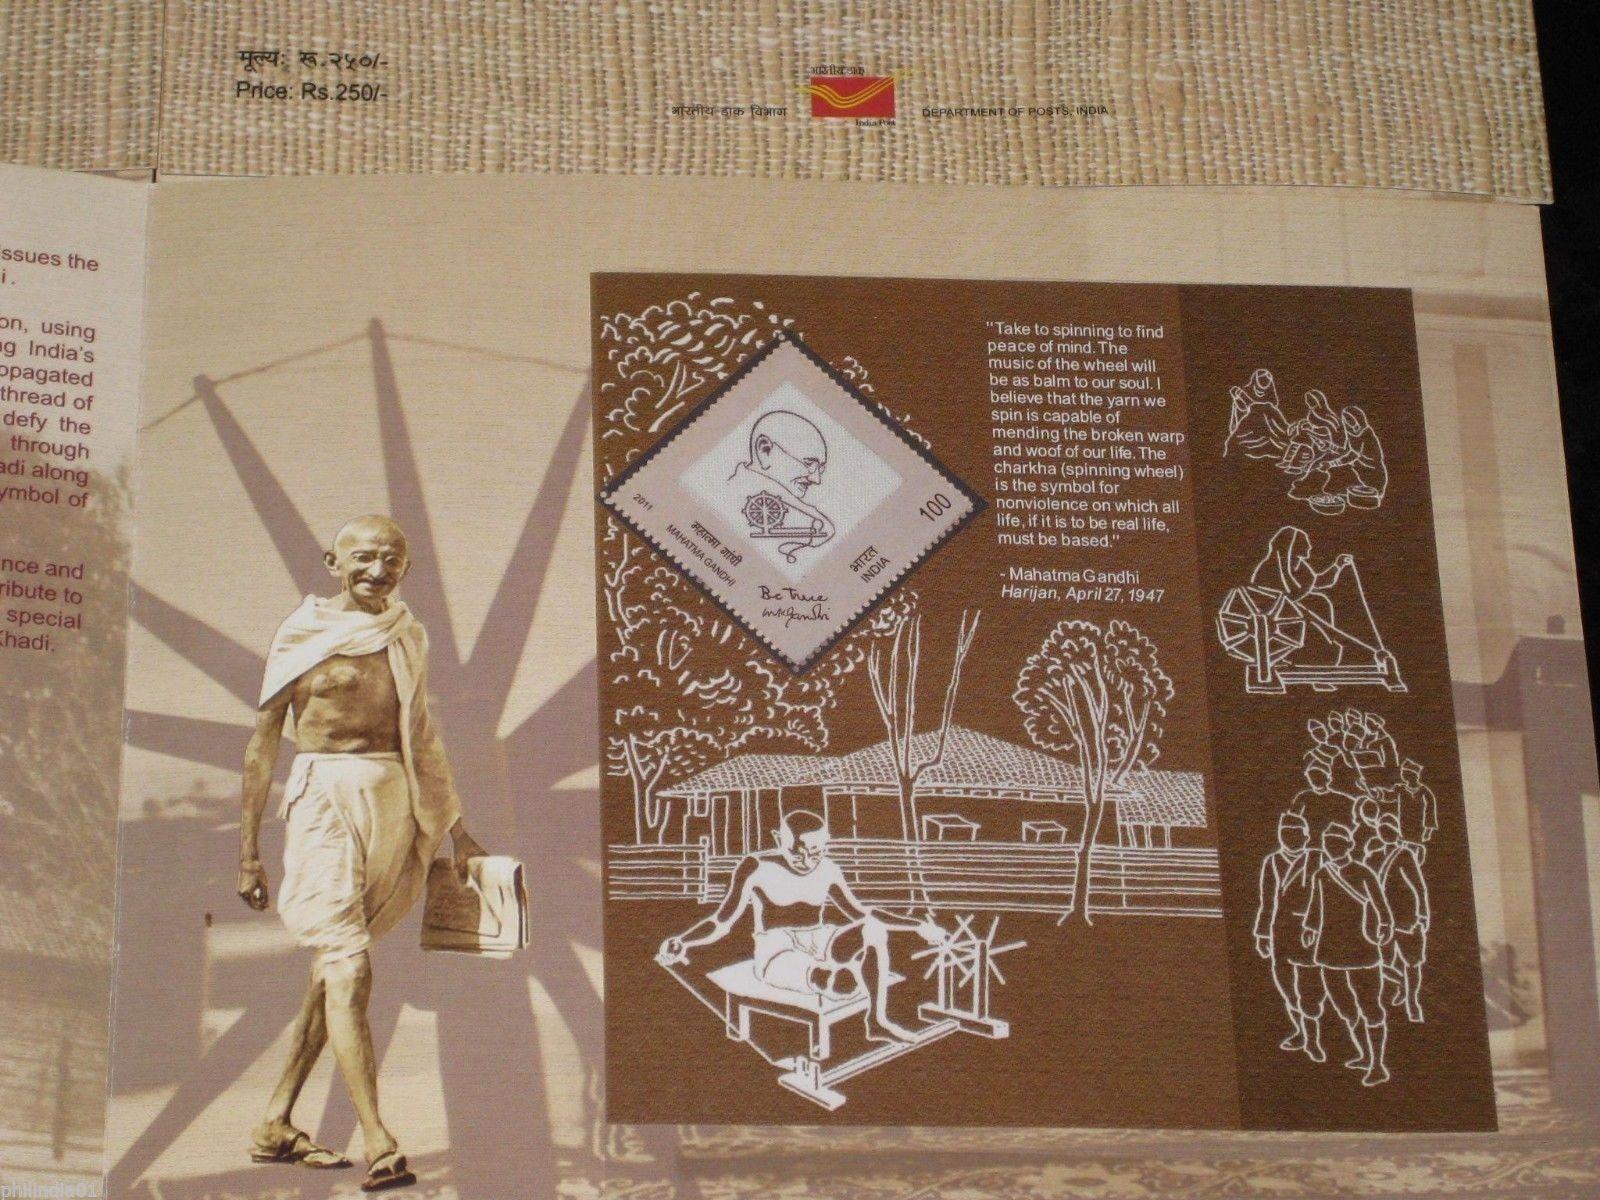 India 2011 INDIPEX-2011 Mahatma Gandhi Gandi Ghandi Khadi Sc 2696 M